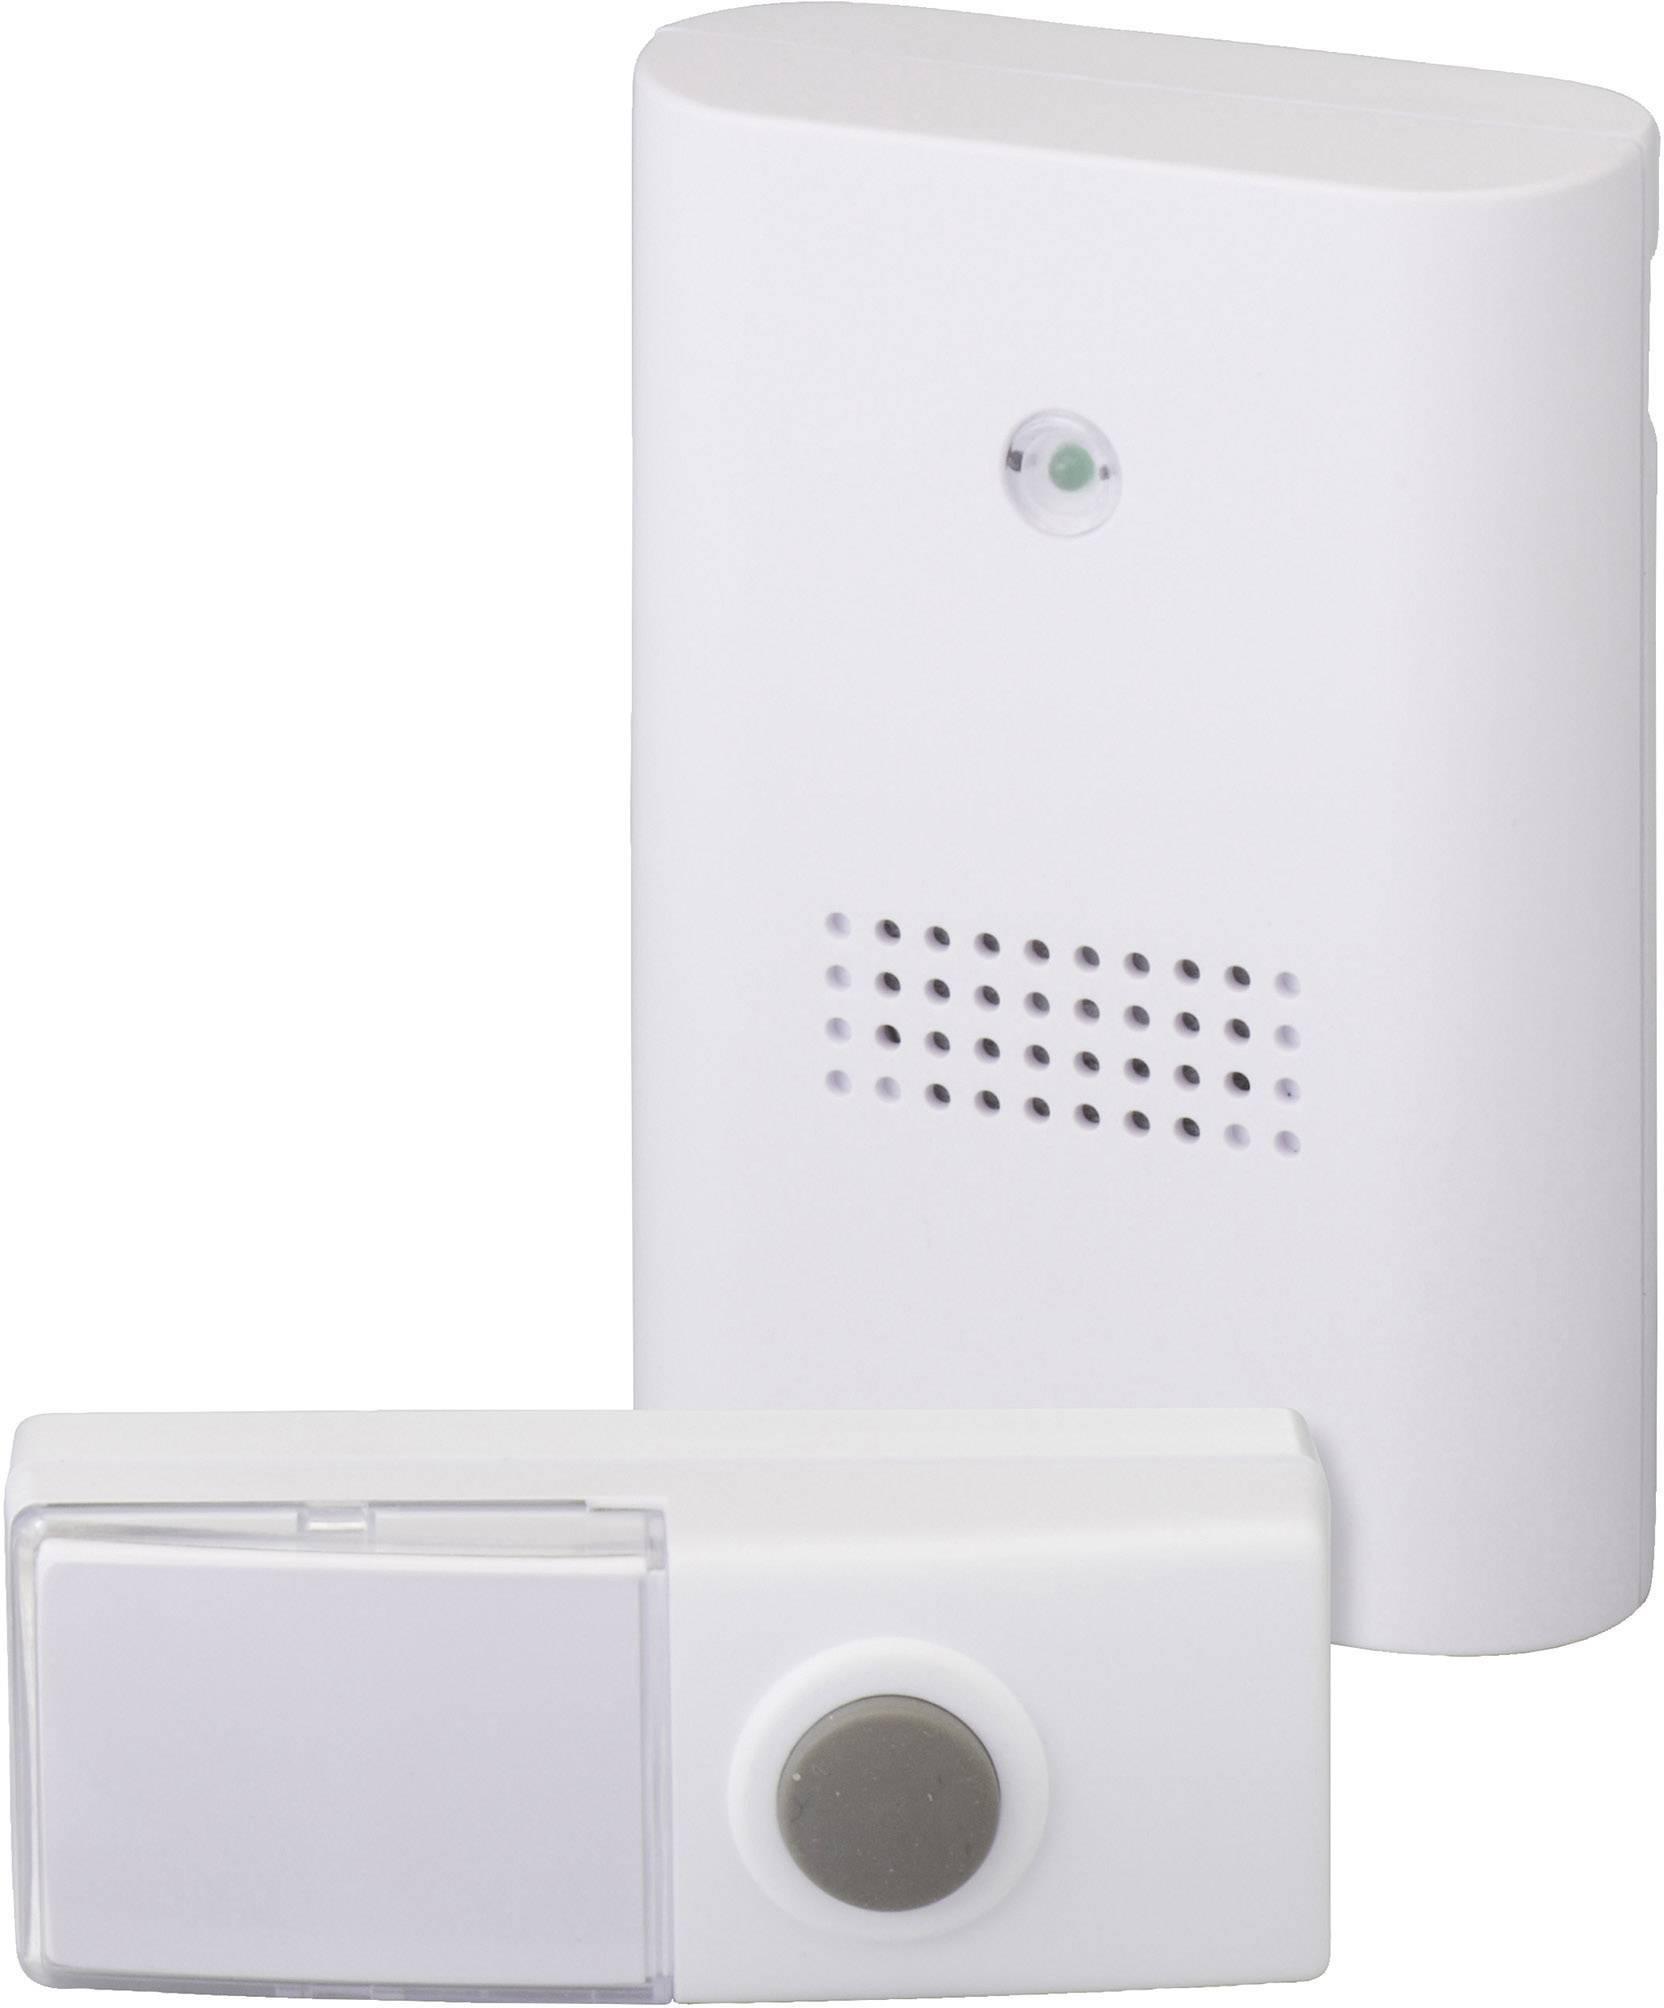 Bezdrôtový zvonček Heidemann HX Plug-in 70801, kompletná sada, max. dosah 100 m, biela